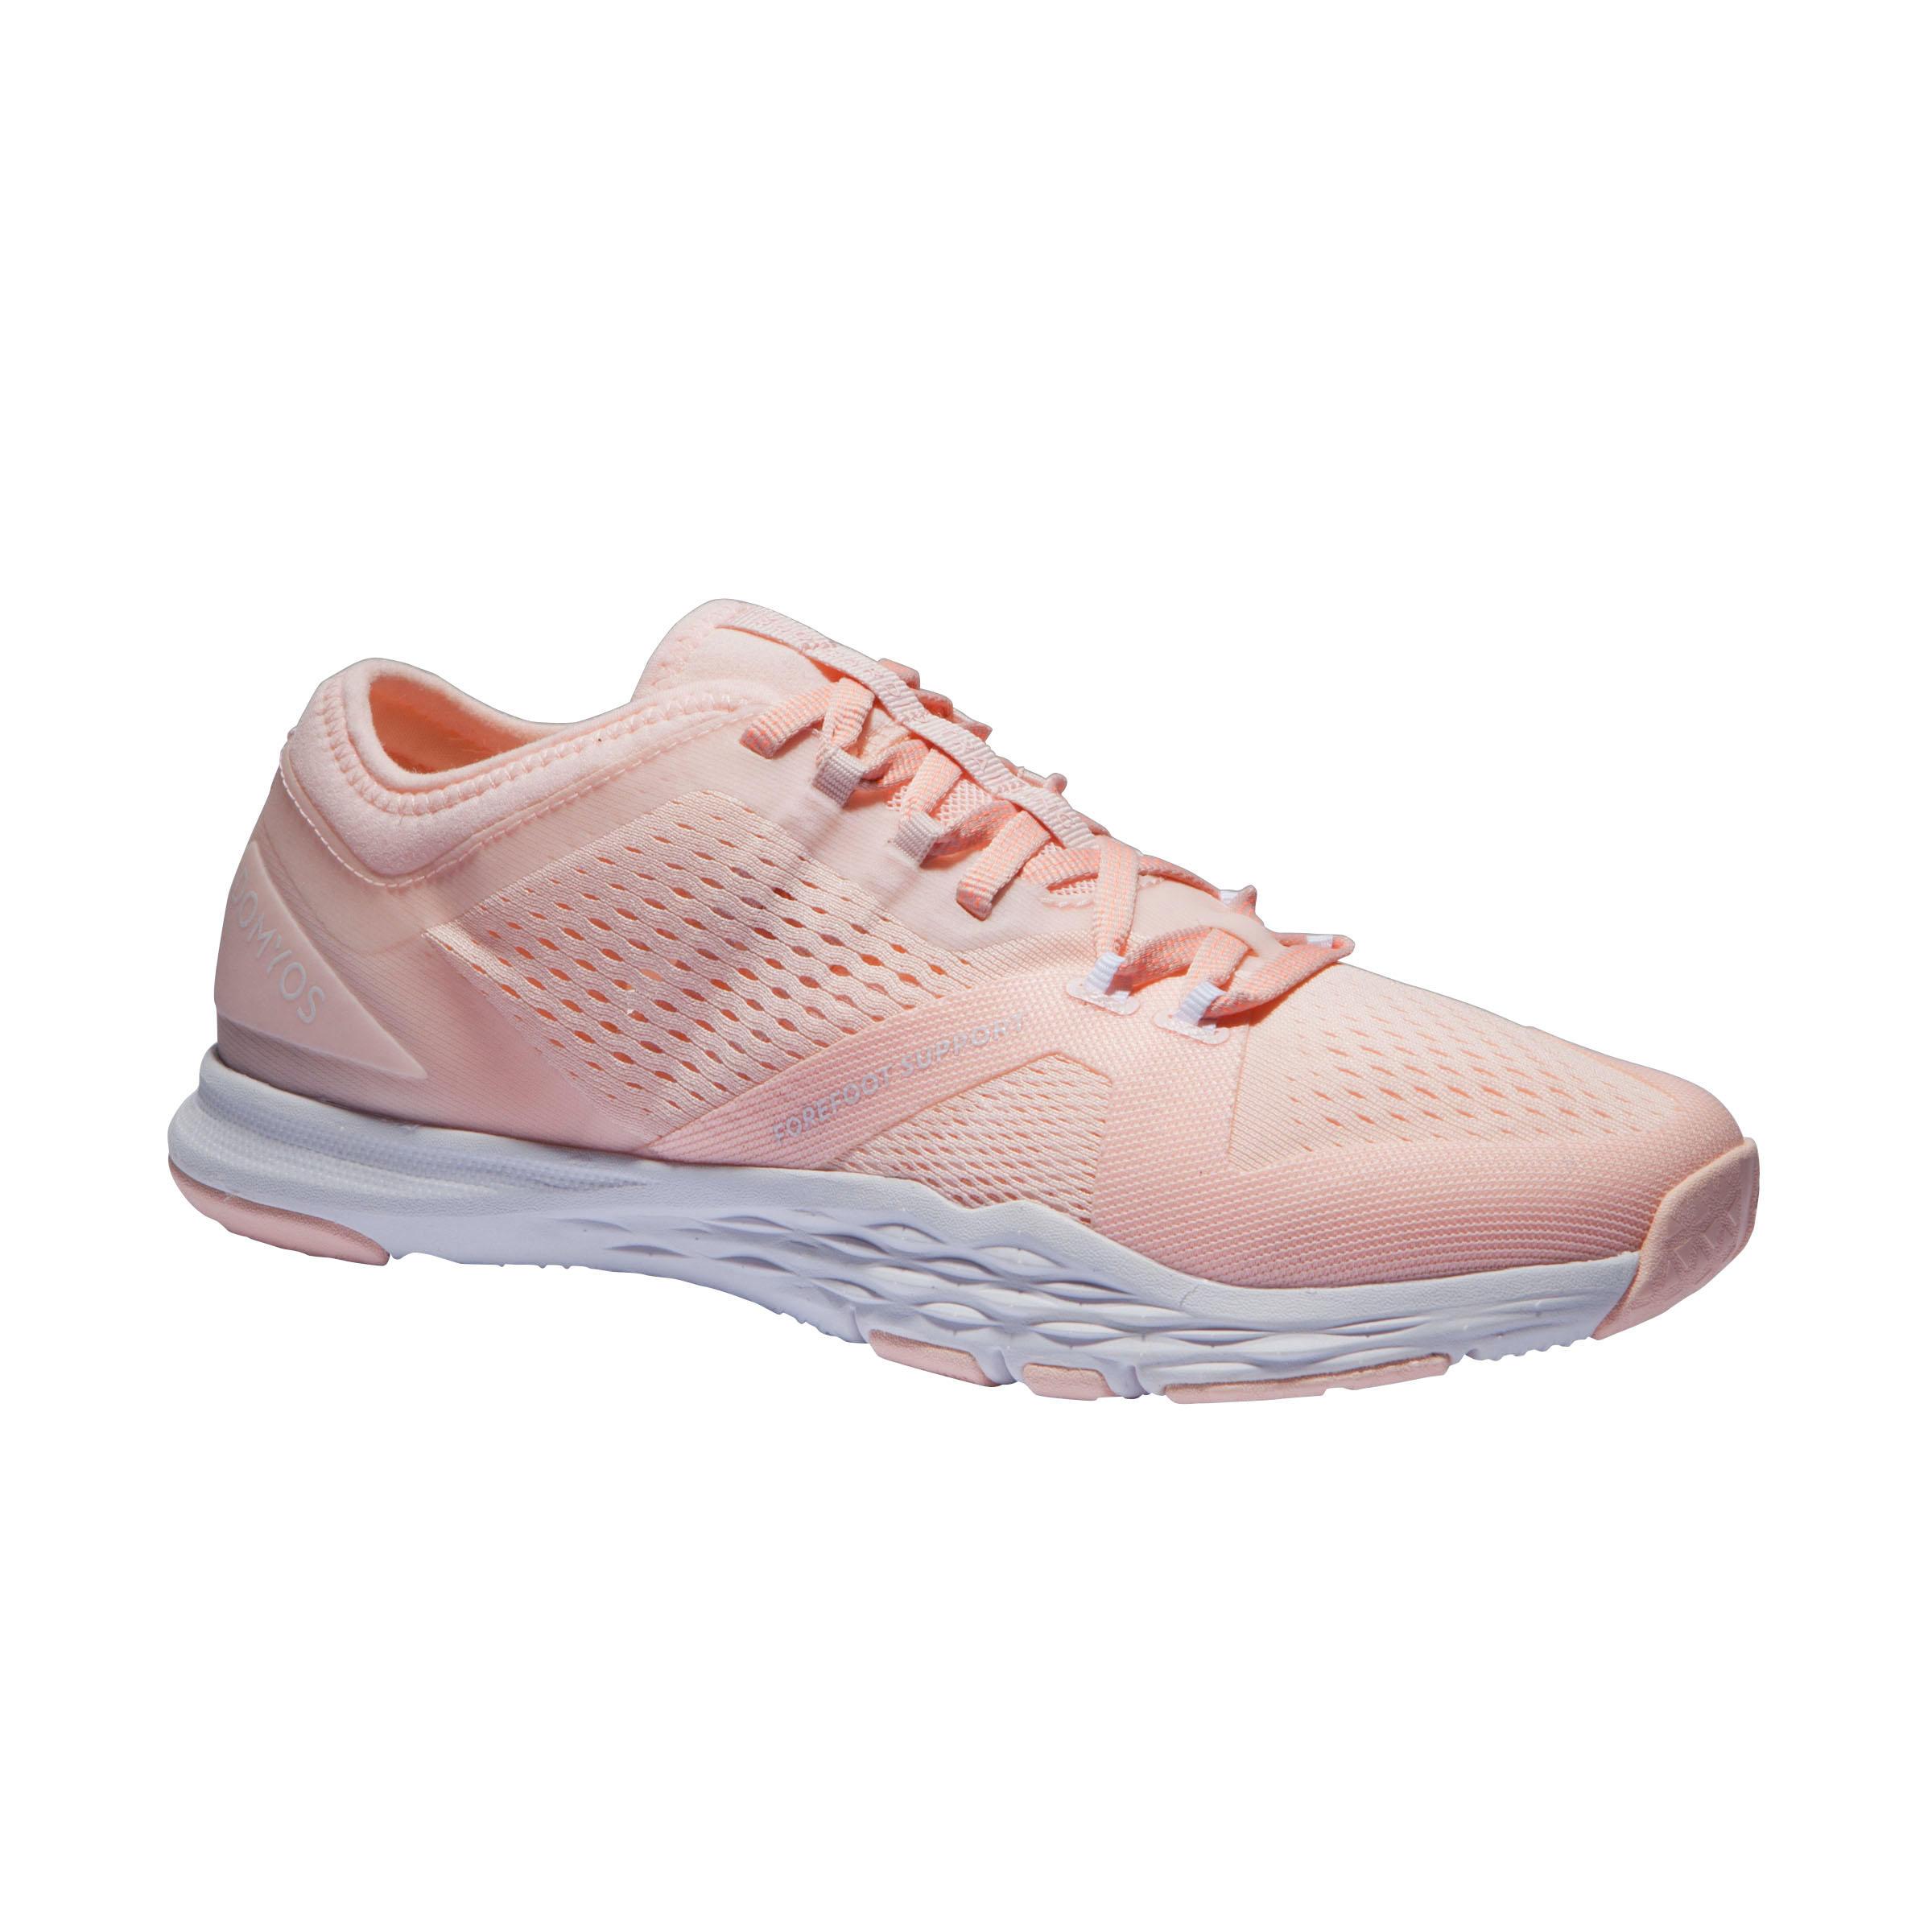 Fitnessschuhe Fitness Cardio 900 Damen rosa | Schuhe > Sportschuhe > Fitnessschuhe | Rosa | Domyos